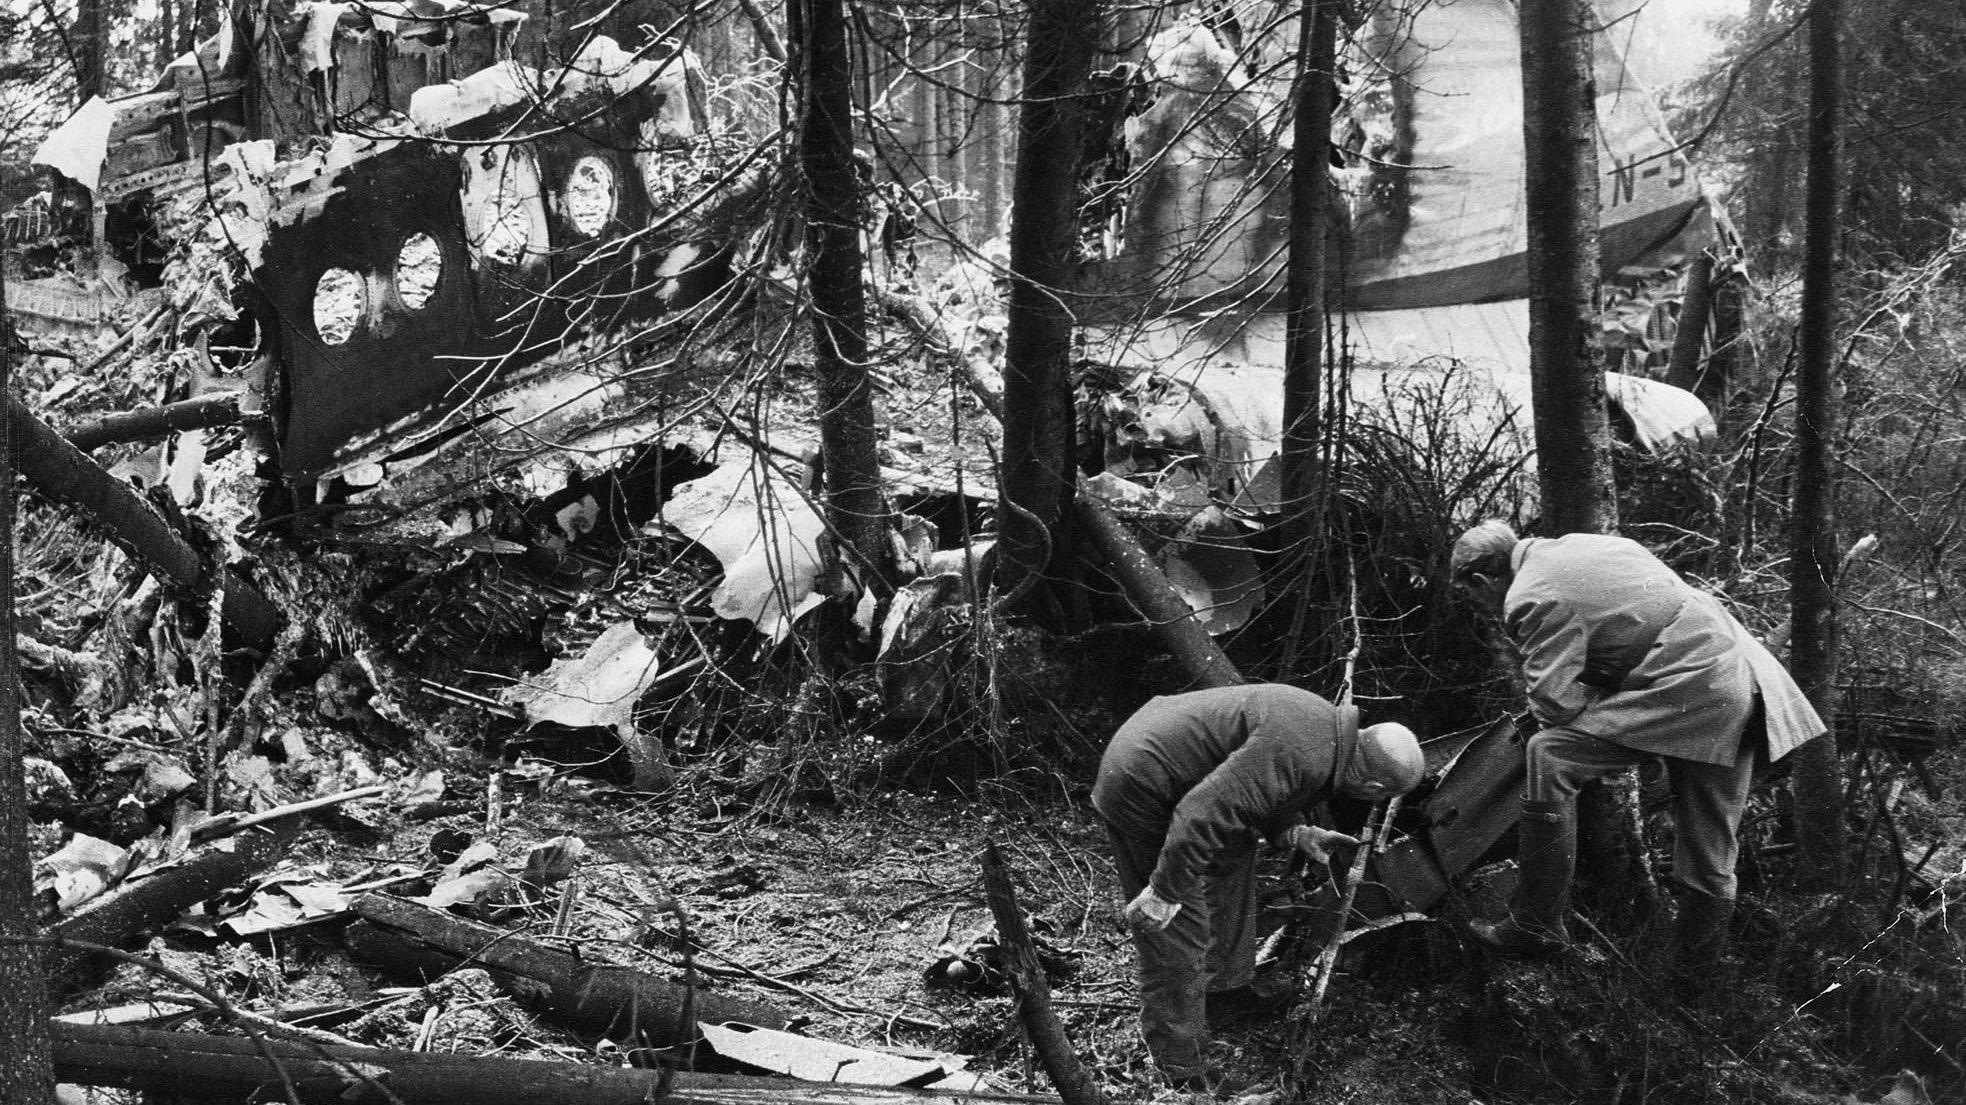 VRAKET: Teknikere fra havarikommisjonen undersøker vrakrestene. I bakgrunnen sees alleen som flyet brøytet gjennom skogen før det traff bakken.